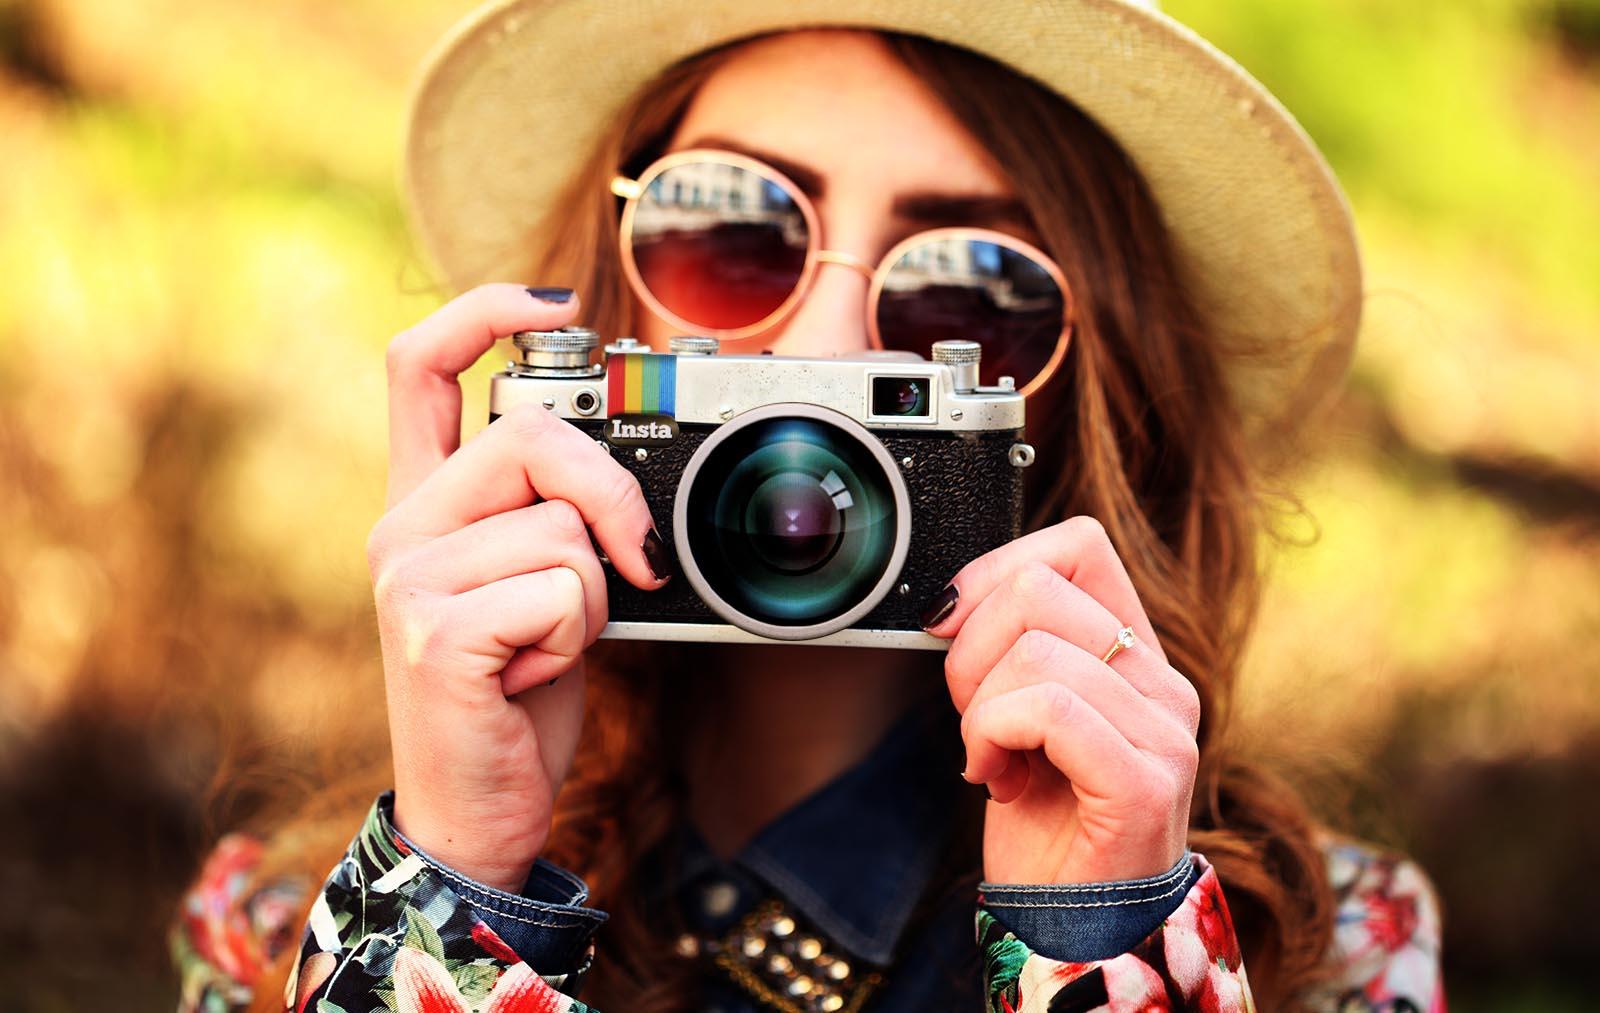 Instagram chica camara